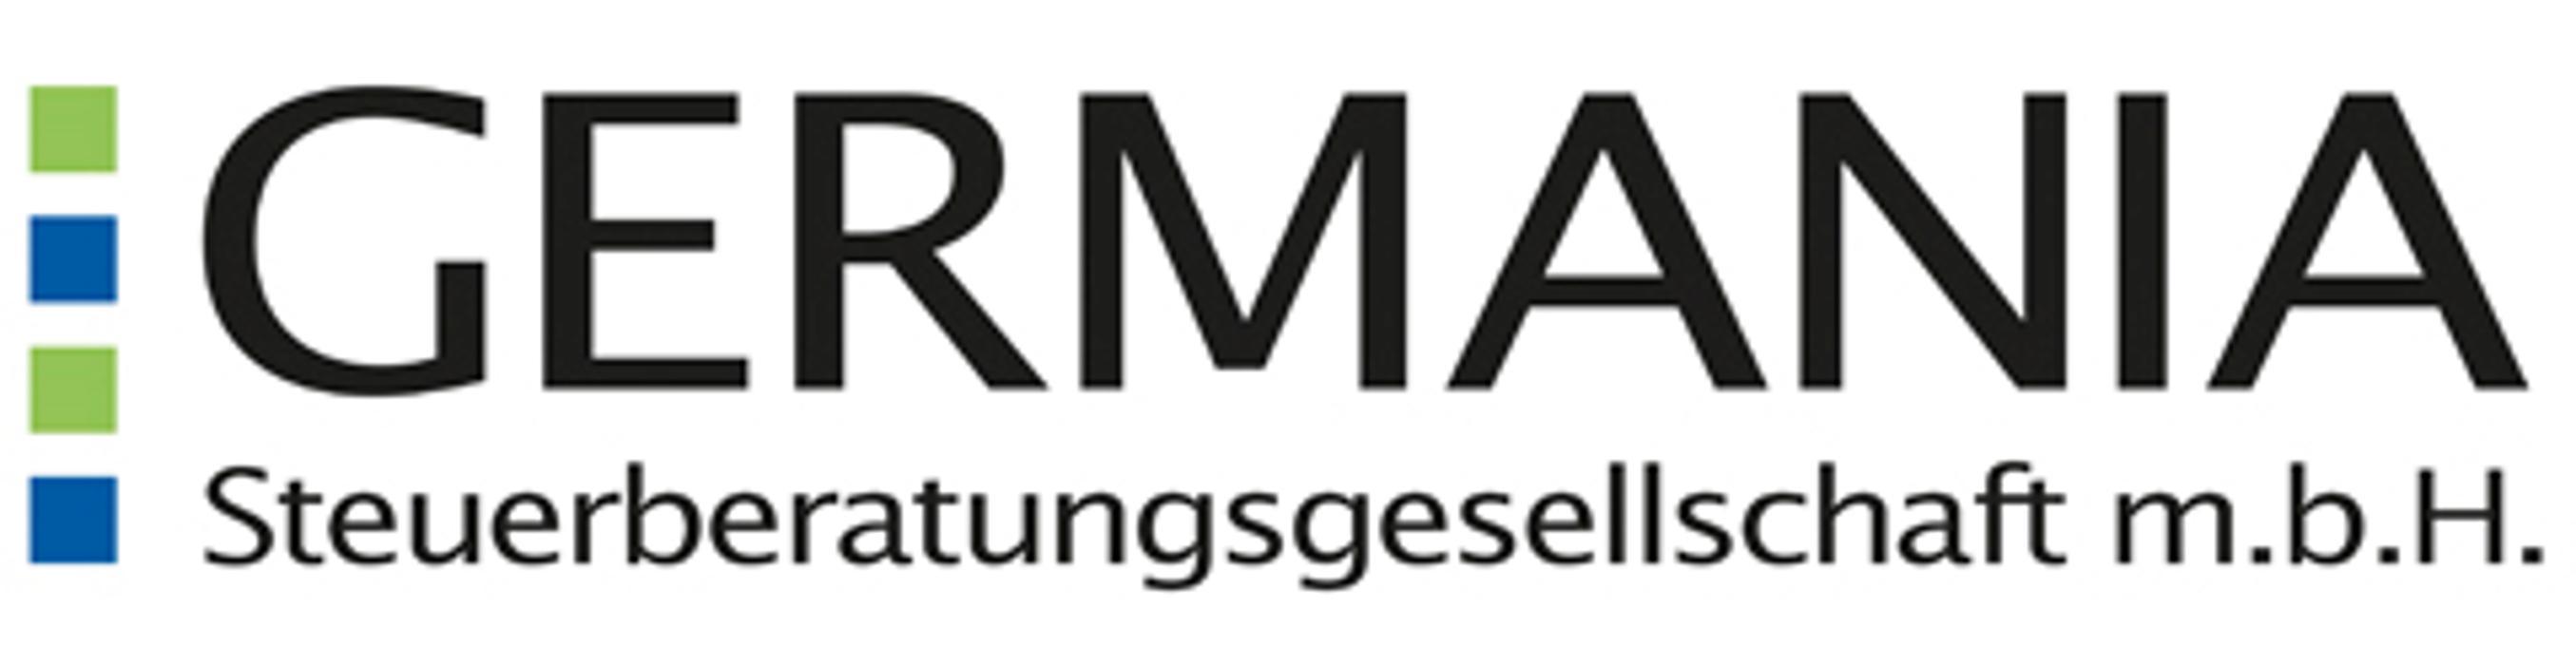 Bild zu Germania Steuerberatungsgesellschaft mbH in Erlangen